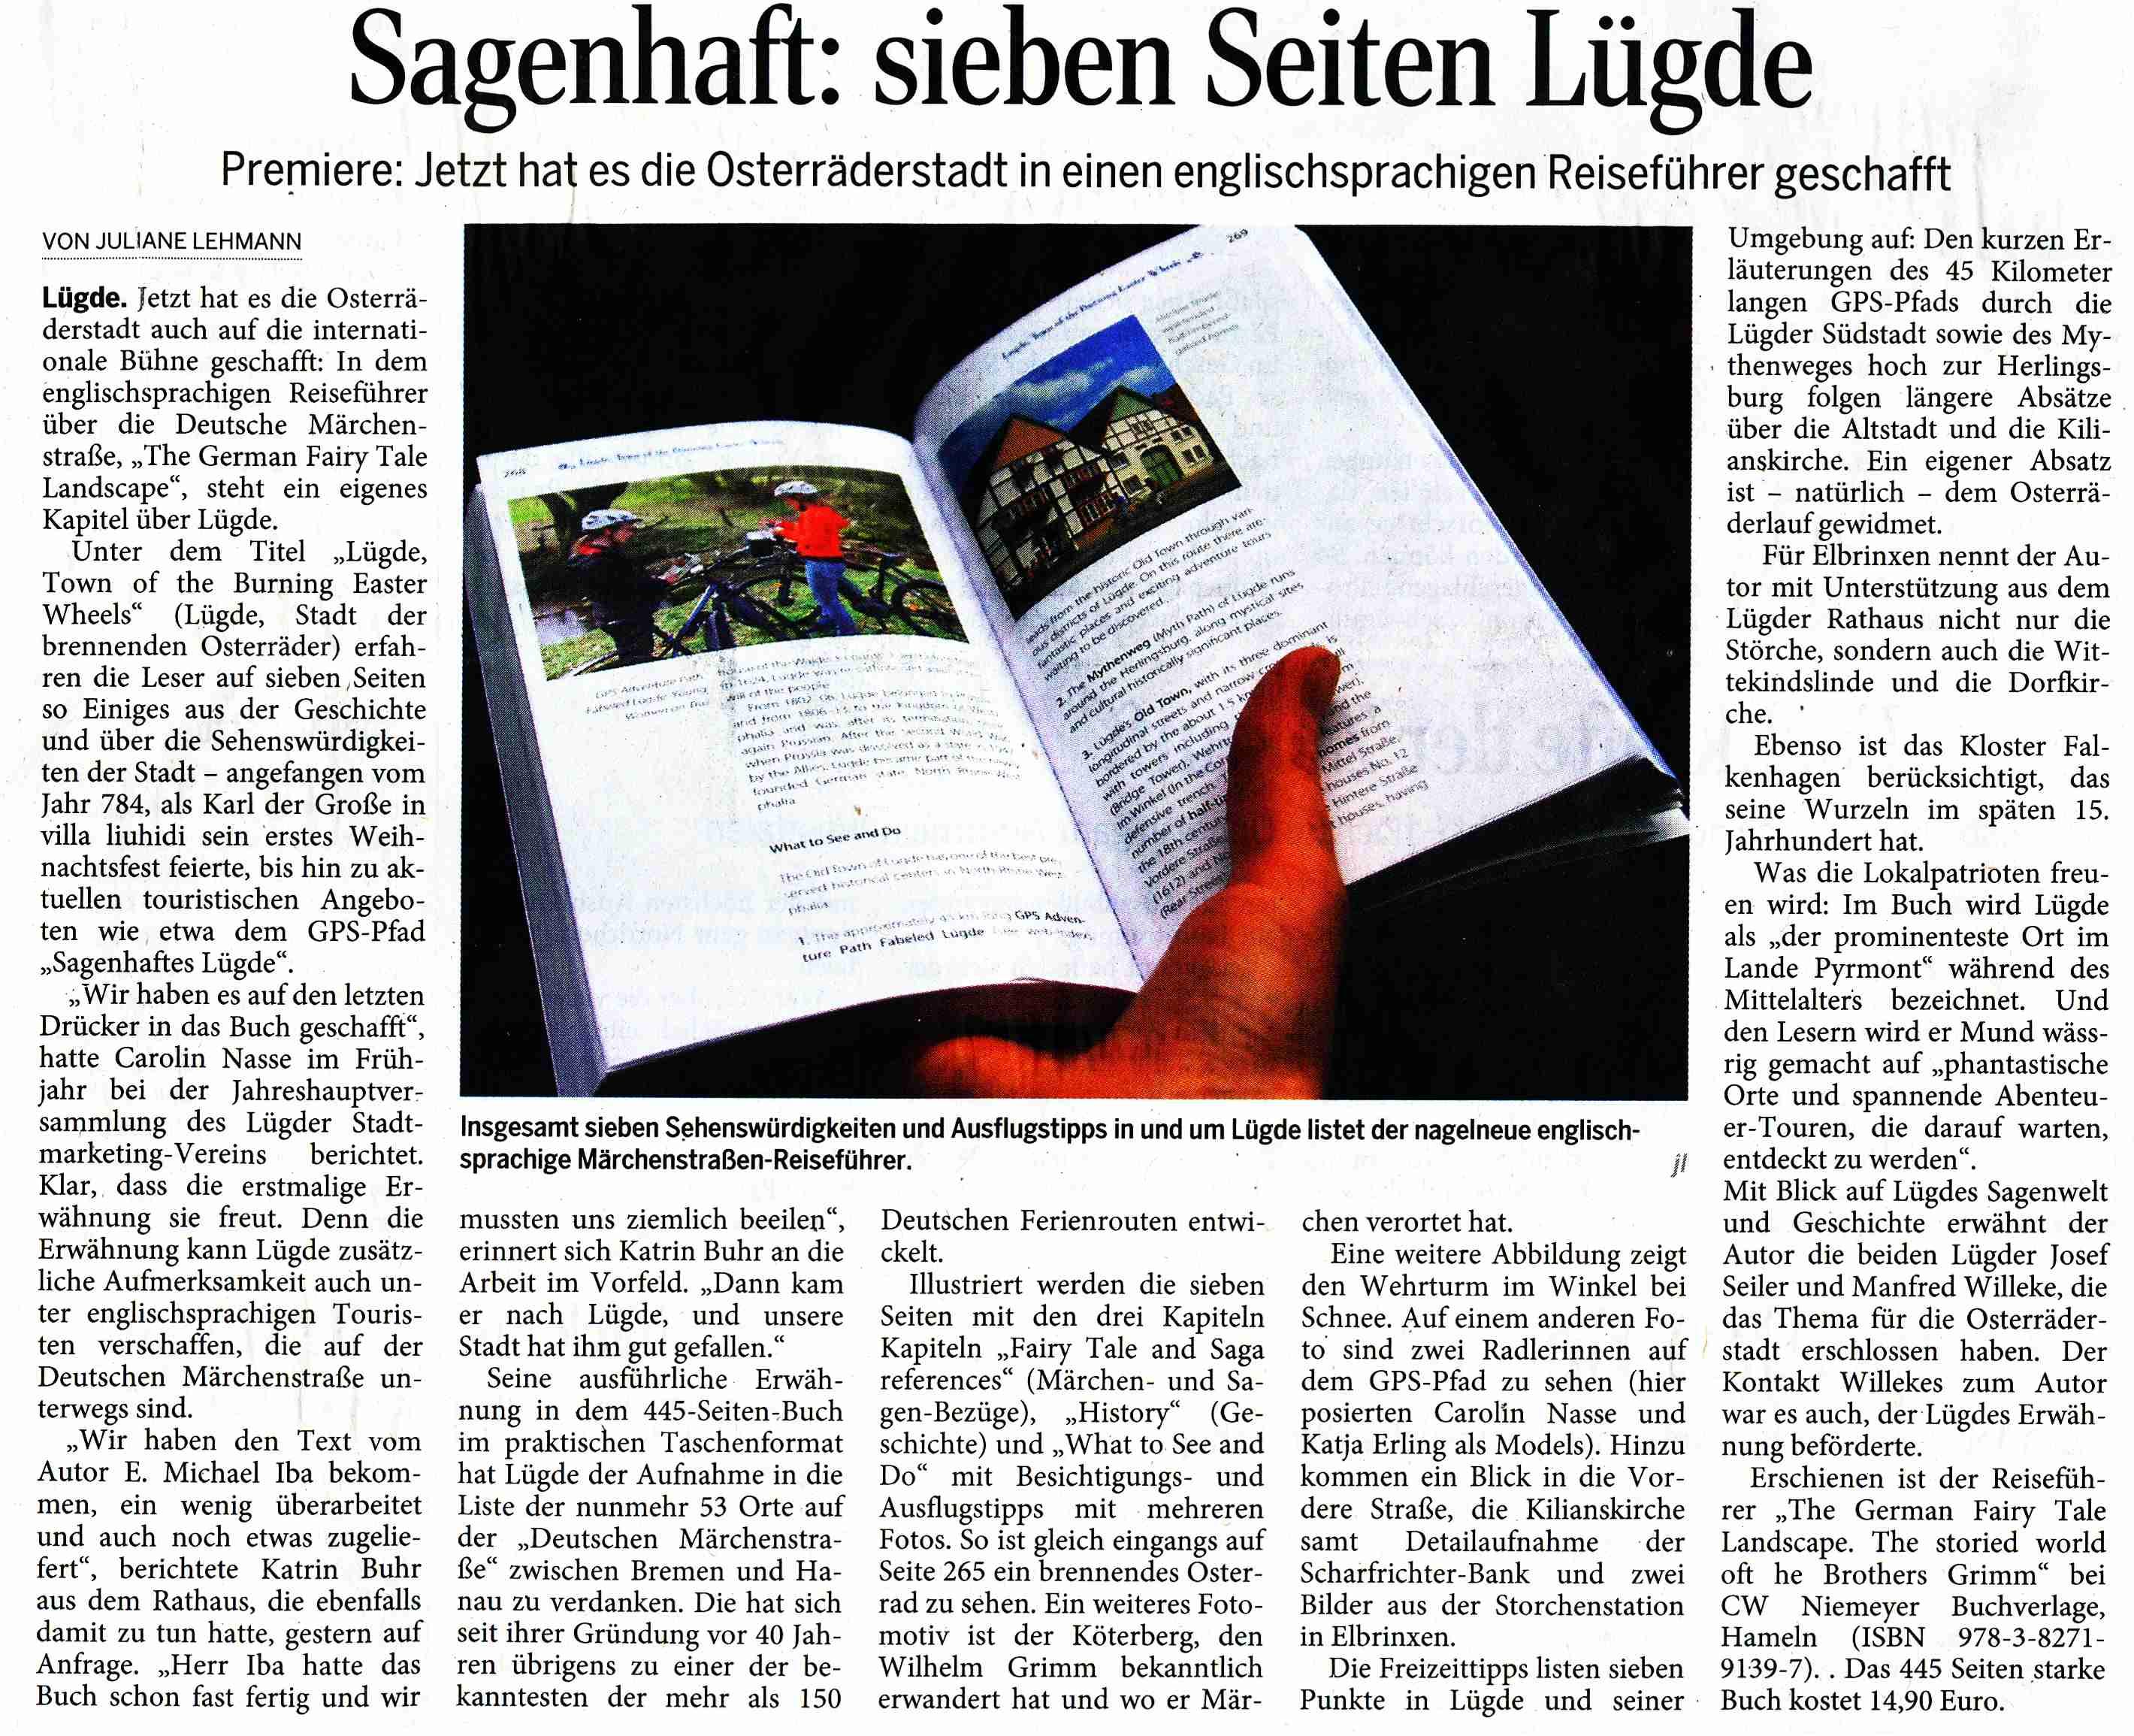 Pyrmonter Nachrichten, 11. August 2015